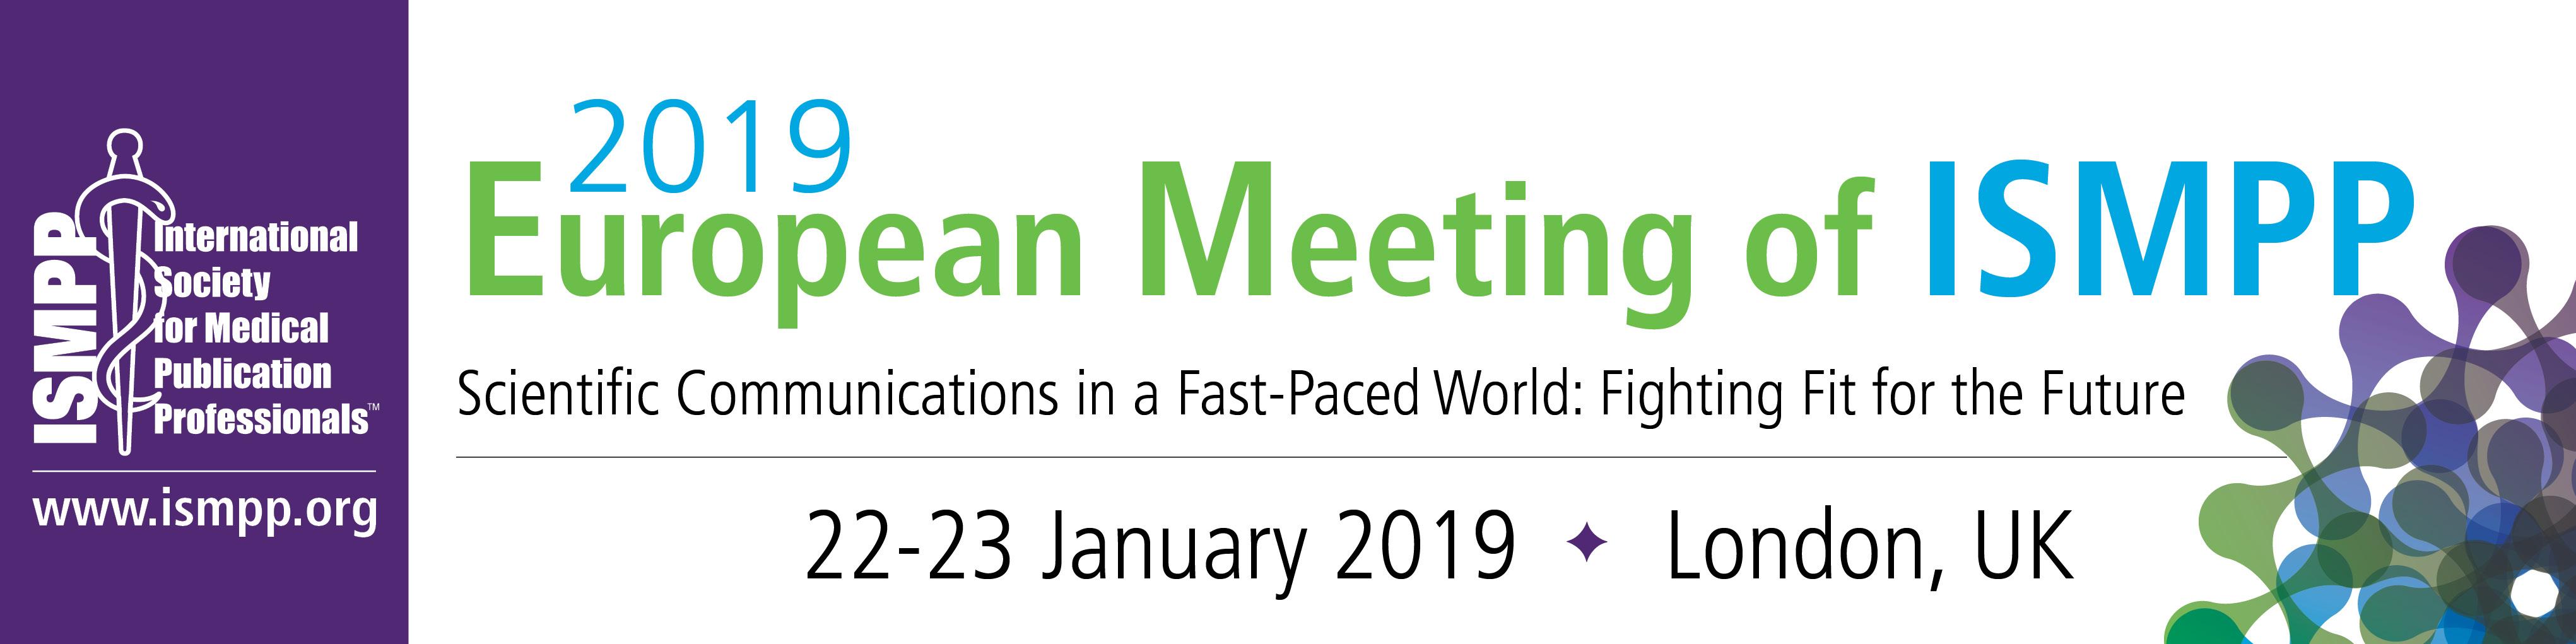 2019 european meeting schedule of events